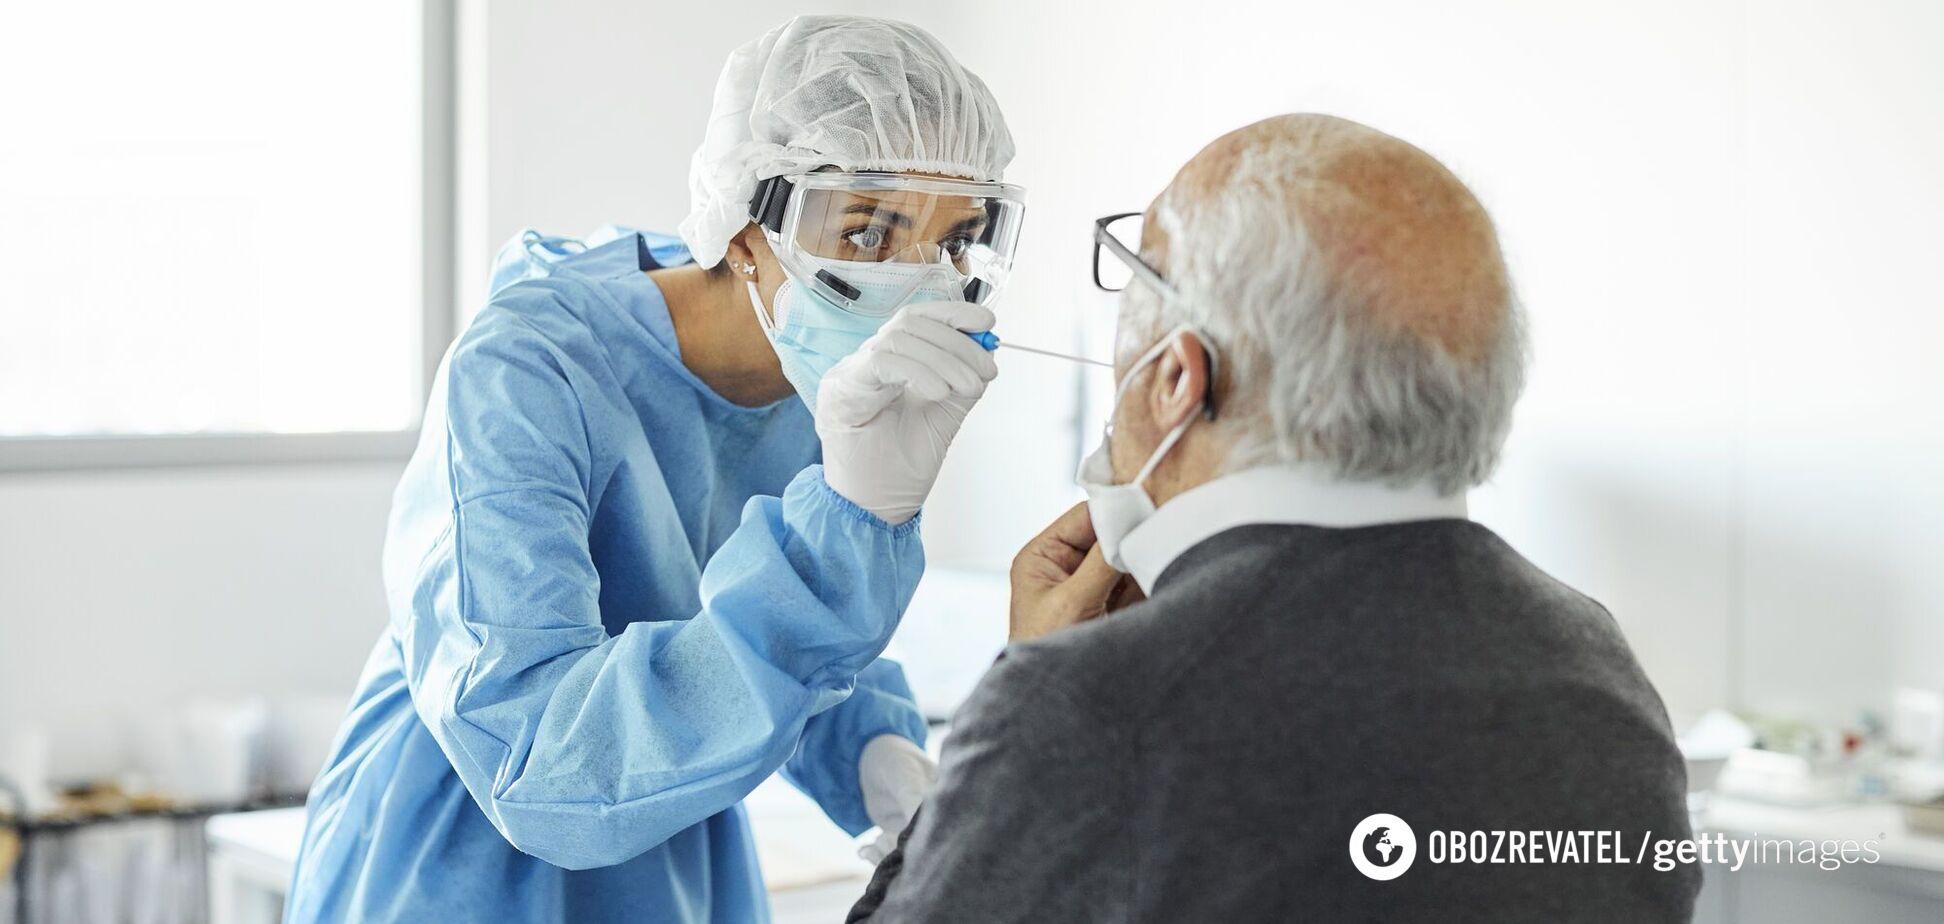 Ученый заявил об угрозе возникновения более опасного штамма COVID-19: может 'обойти' иммунитет